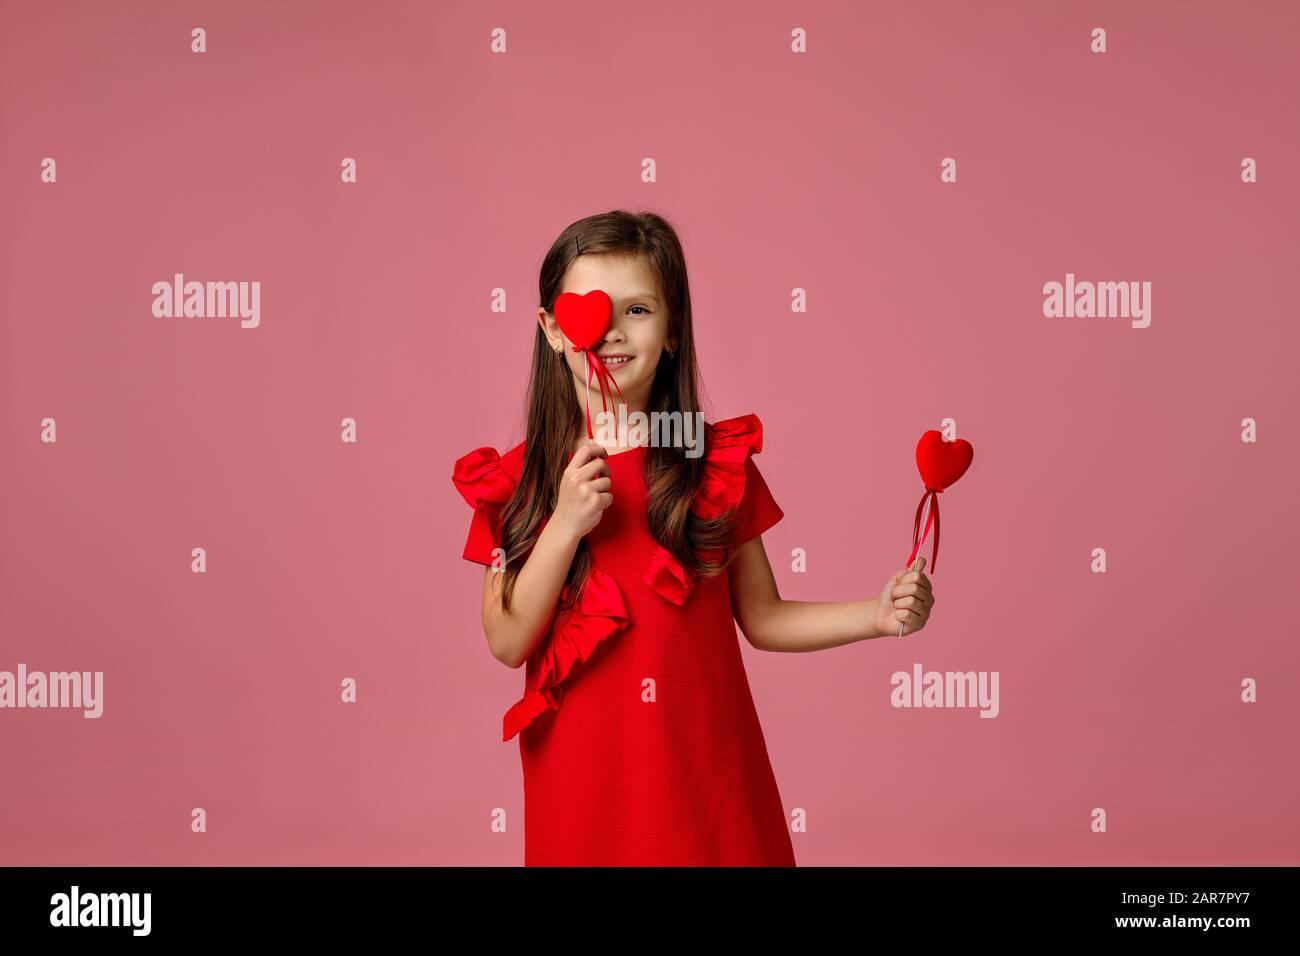 Valentinstag. Lächelndes Kindermädchen mit zwei roten Herzen isoliert auf pinkfarbenem Hintergrund. Stockfoto